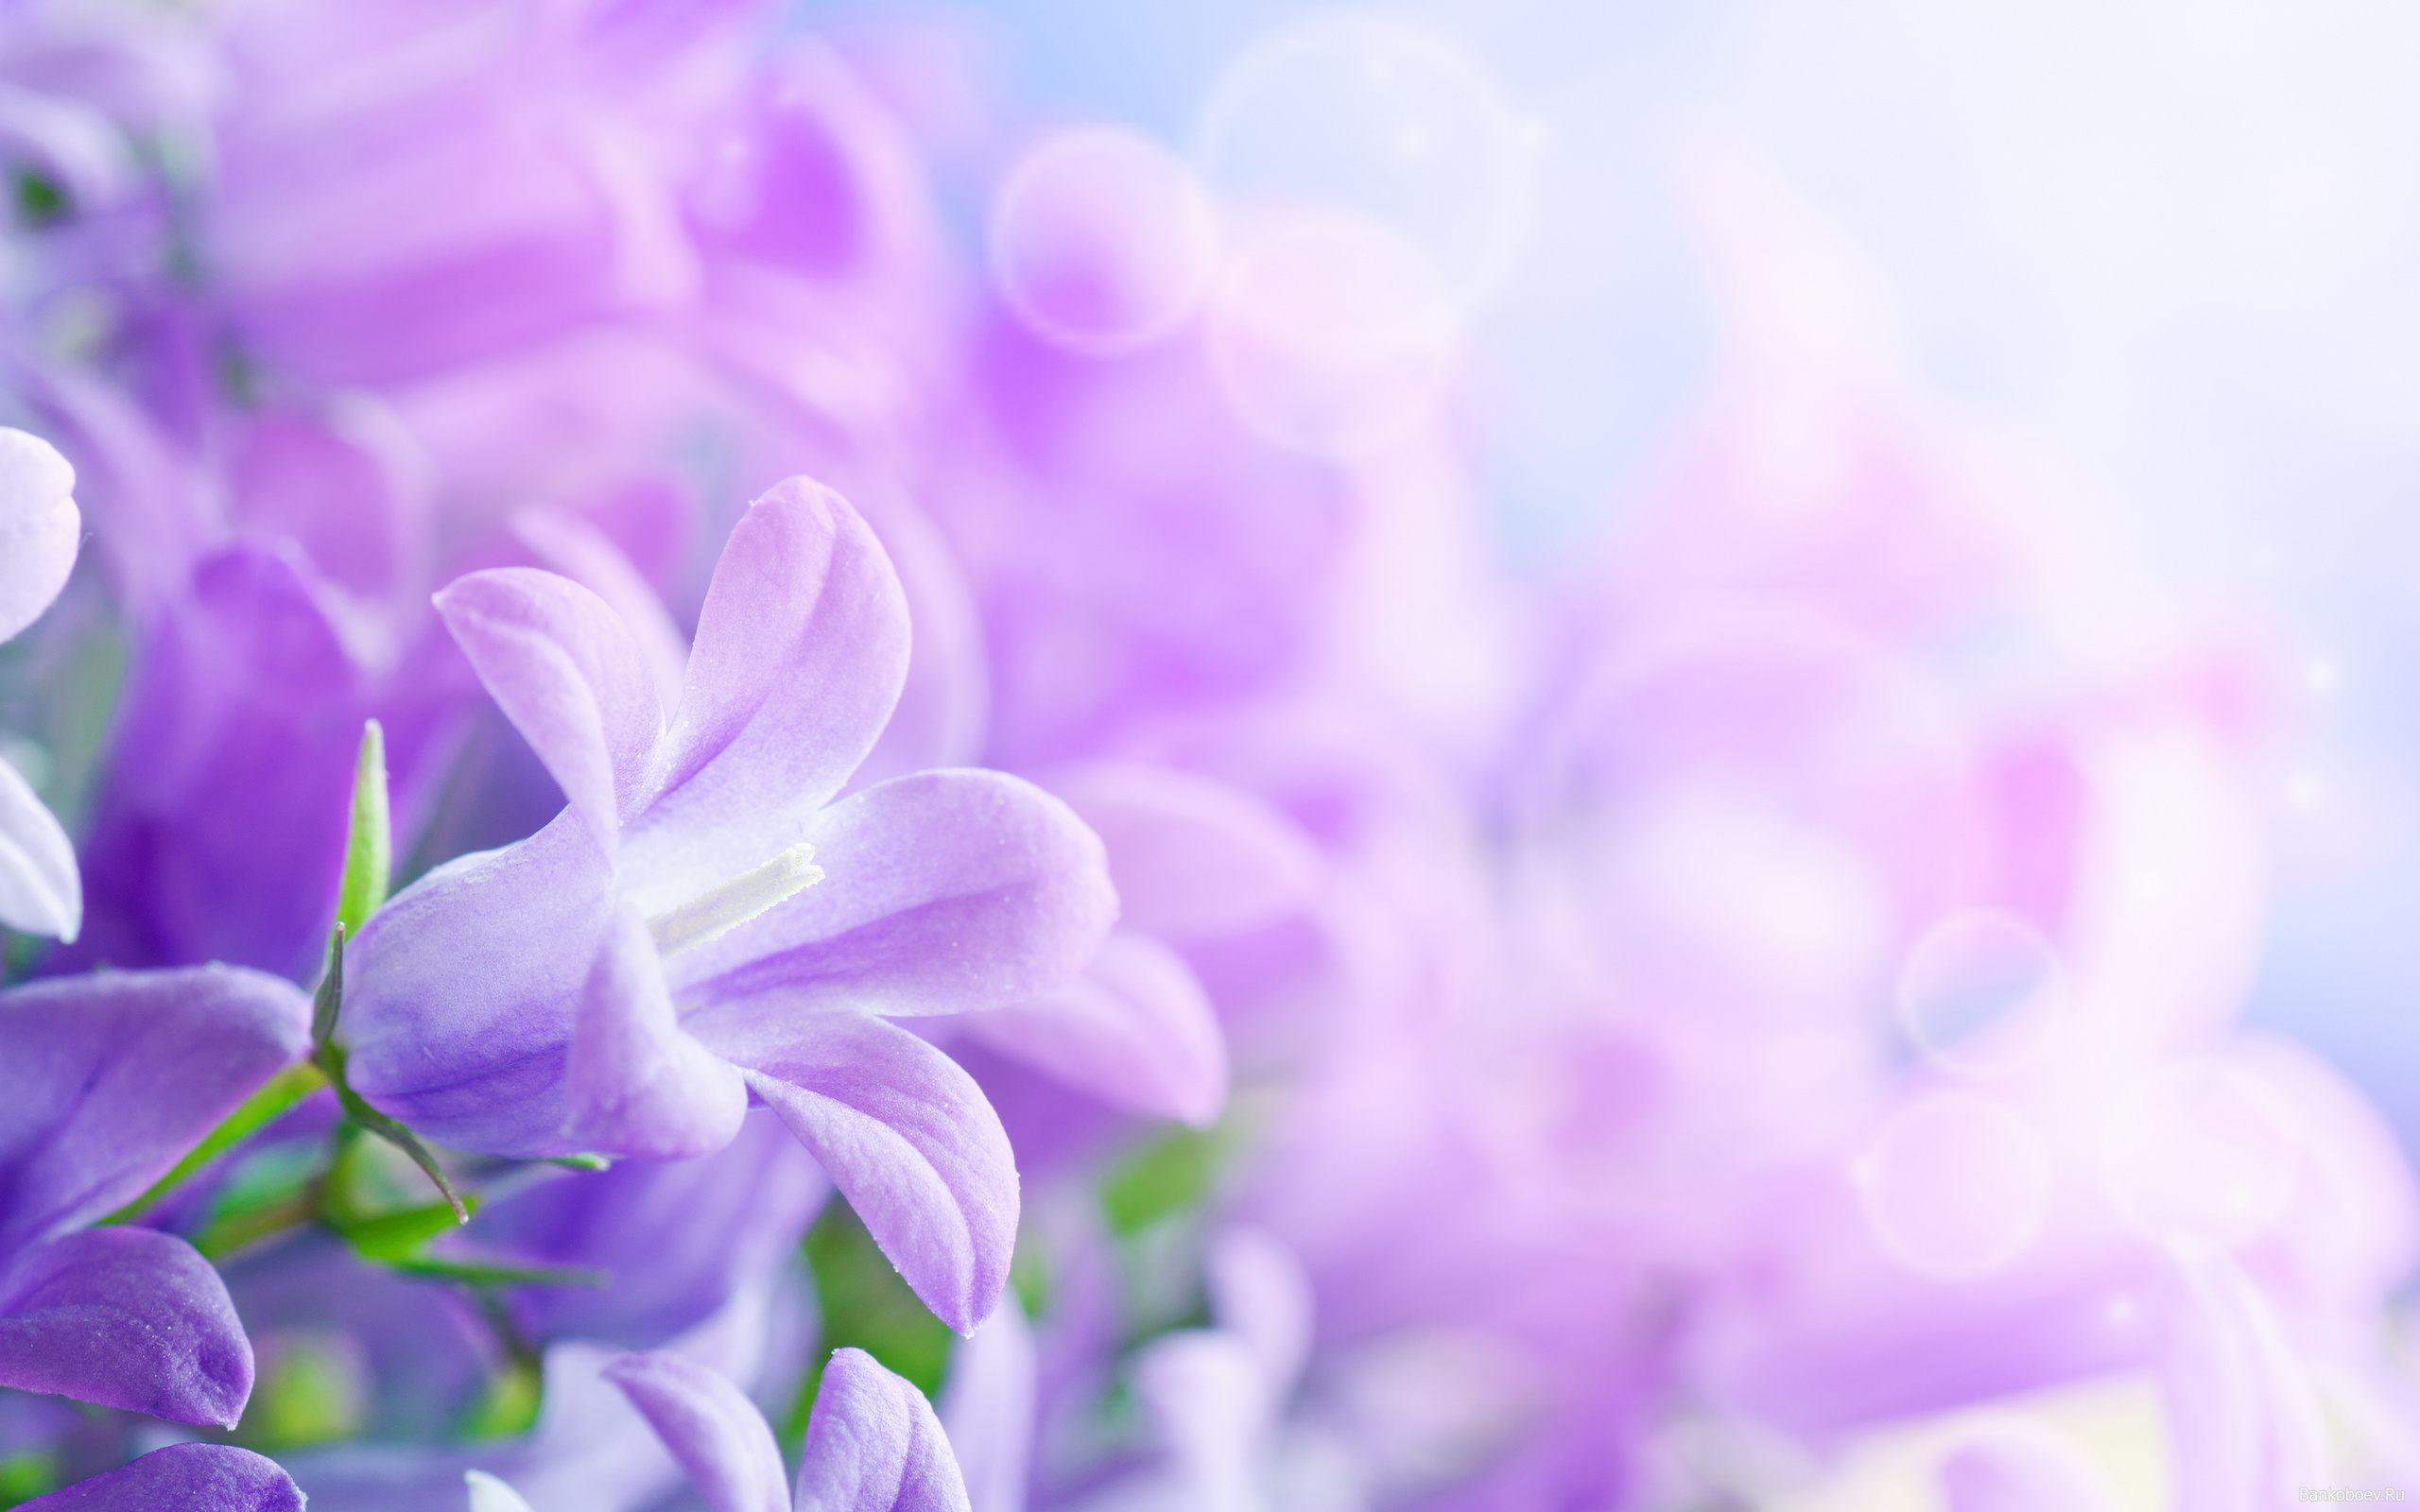 цветок сиреневый абстракция  № 3288349 без смс